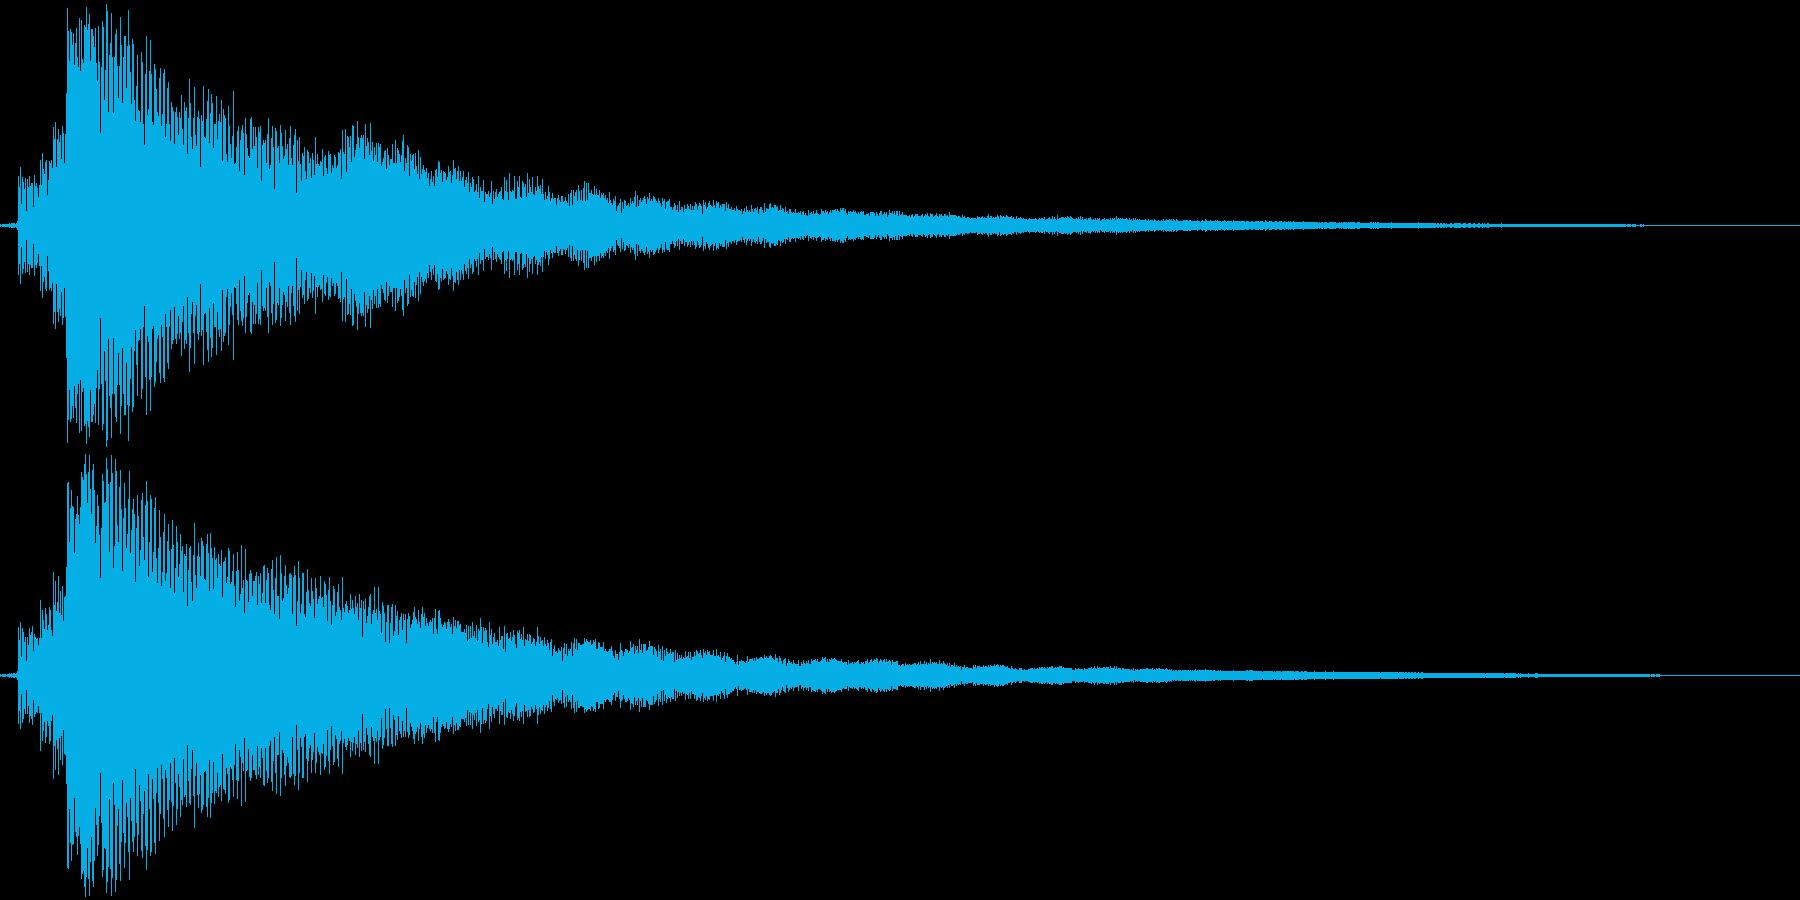 【ギター】Emコードの再生済みの波形